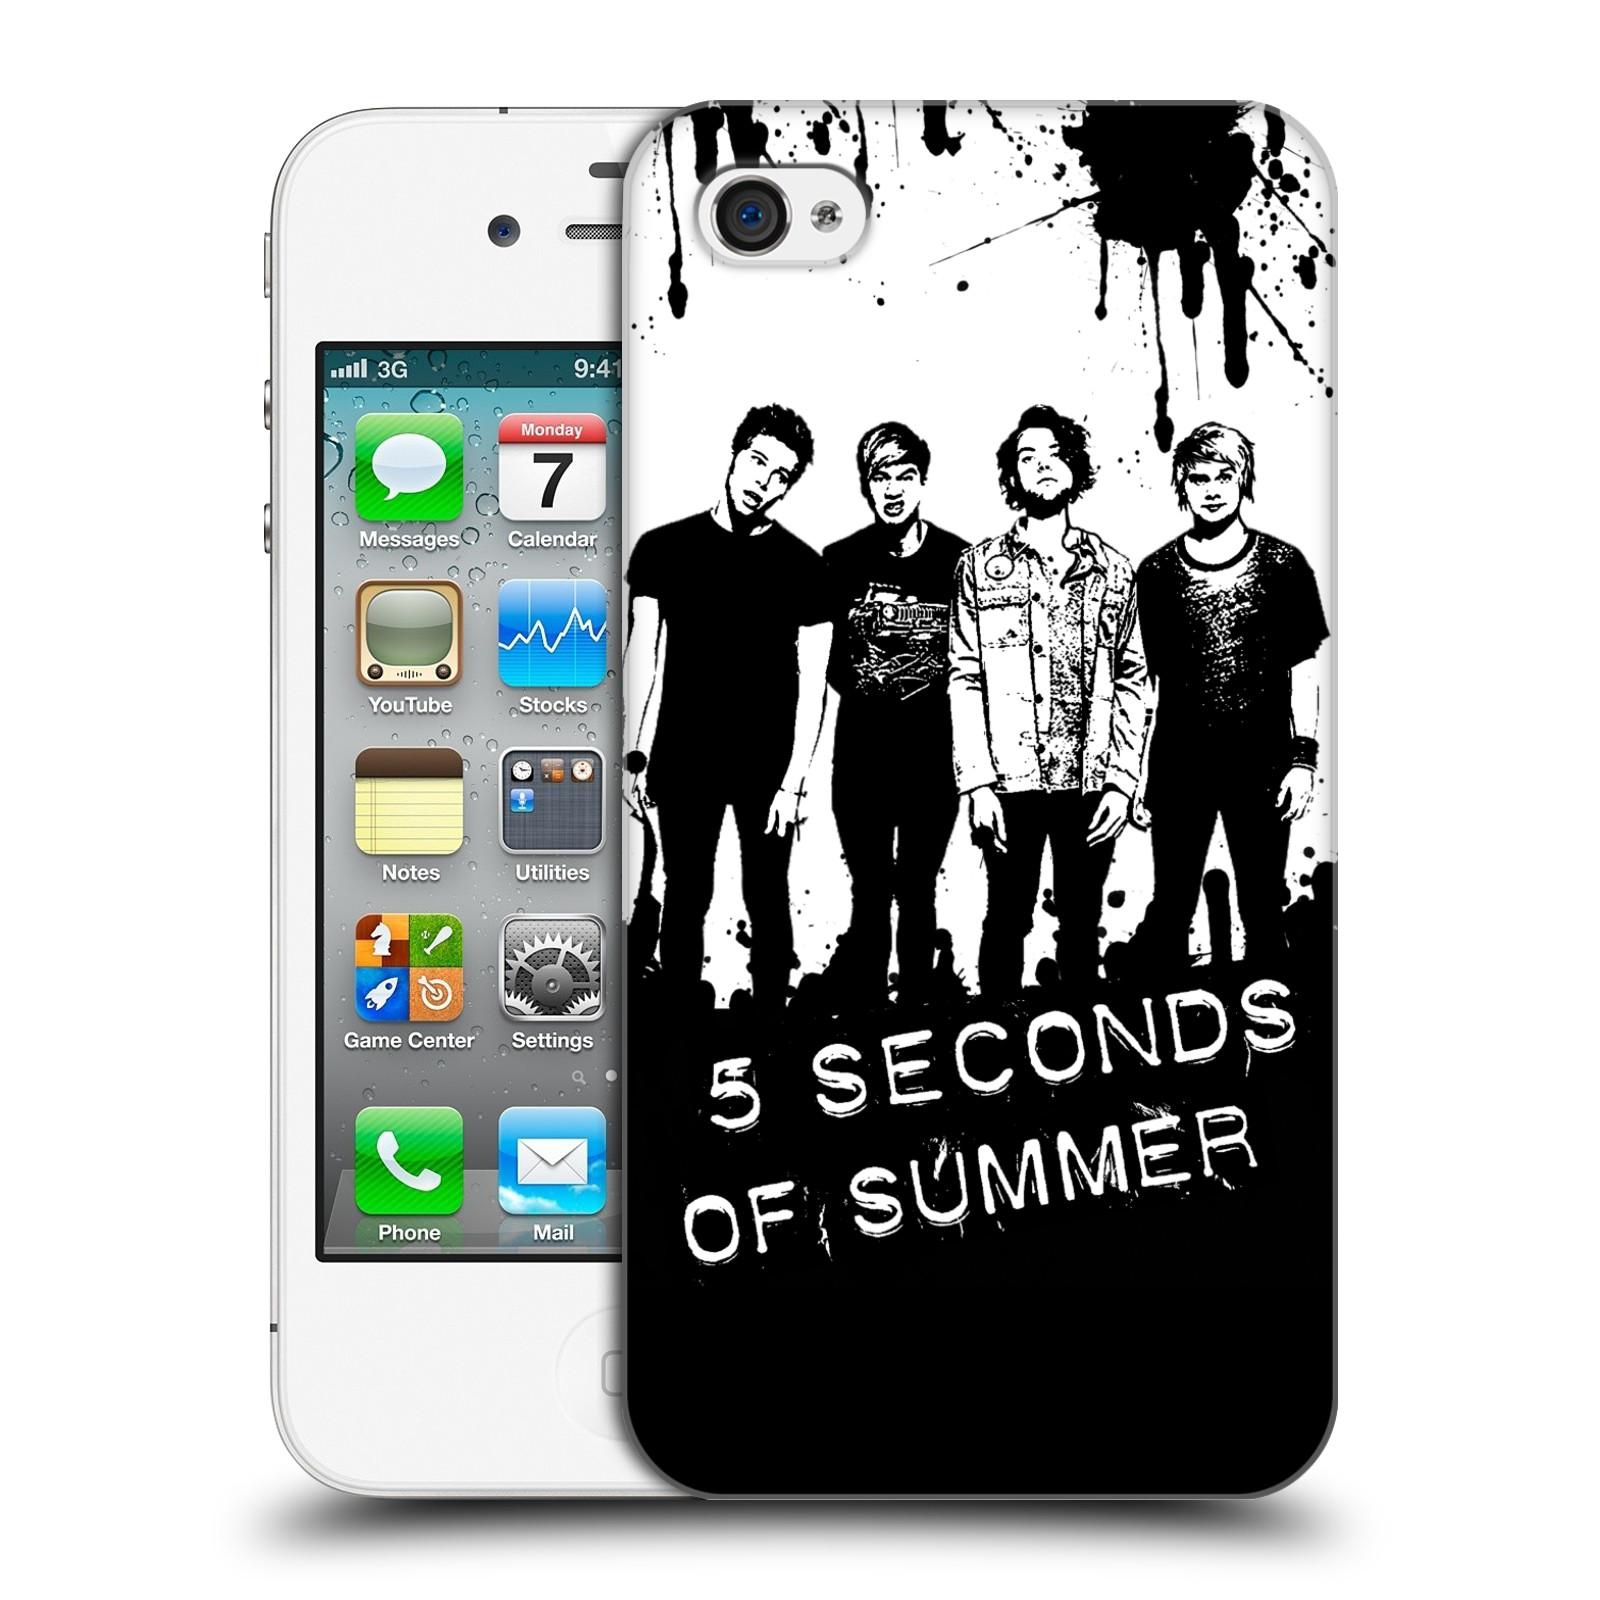 Plastové pouzdro na mobil Apple iPhone 4 a 4S HEAD CASE 5 Seconds of Summer - Band Black and White (Plastový kryt či obal na mobilní telefon licencovaným motivem 5 Seconds of Summer pro Apple iPhone 4 a 4S)